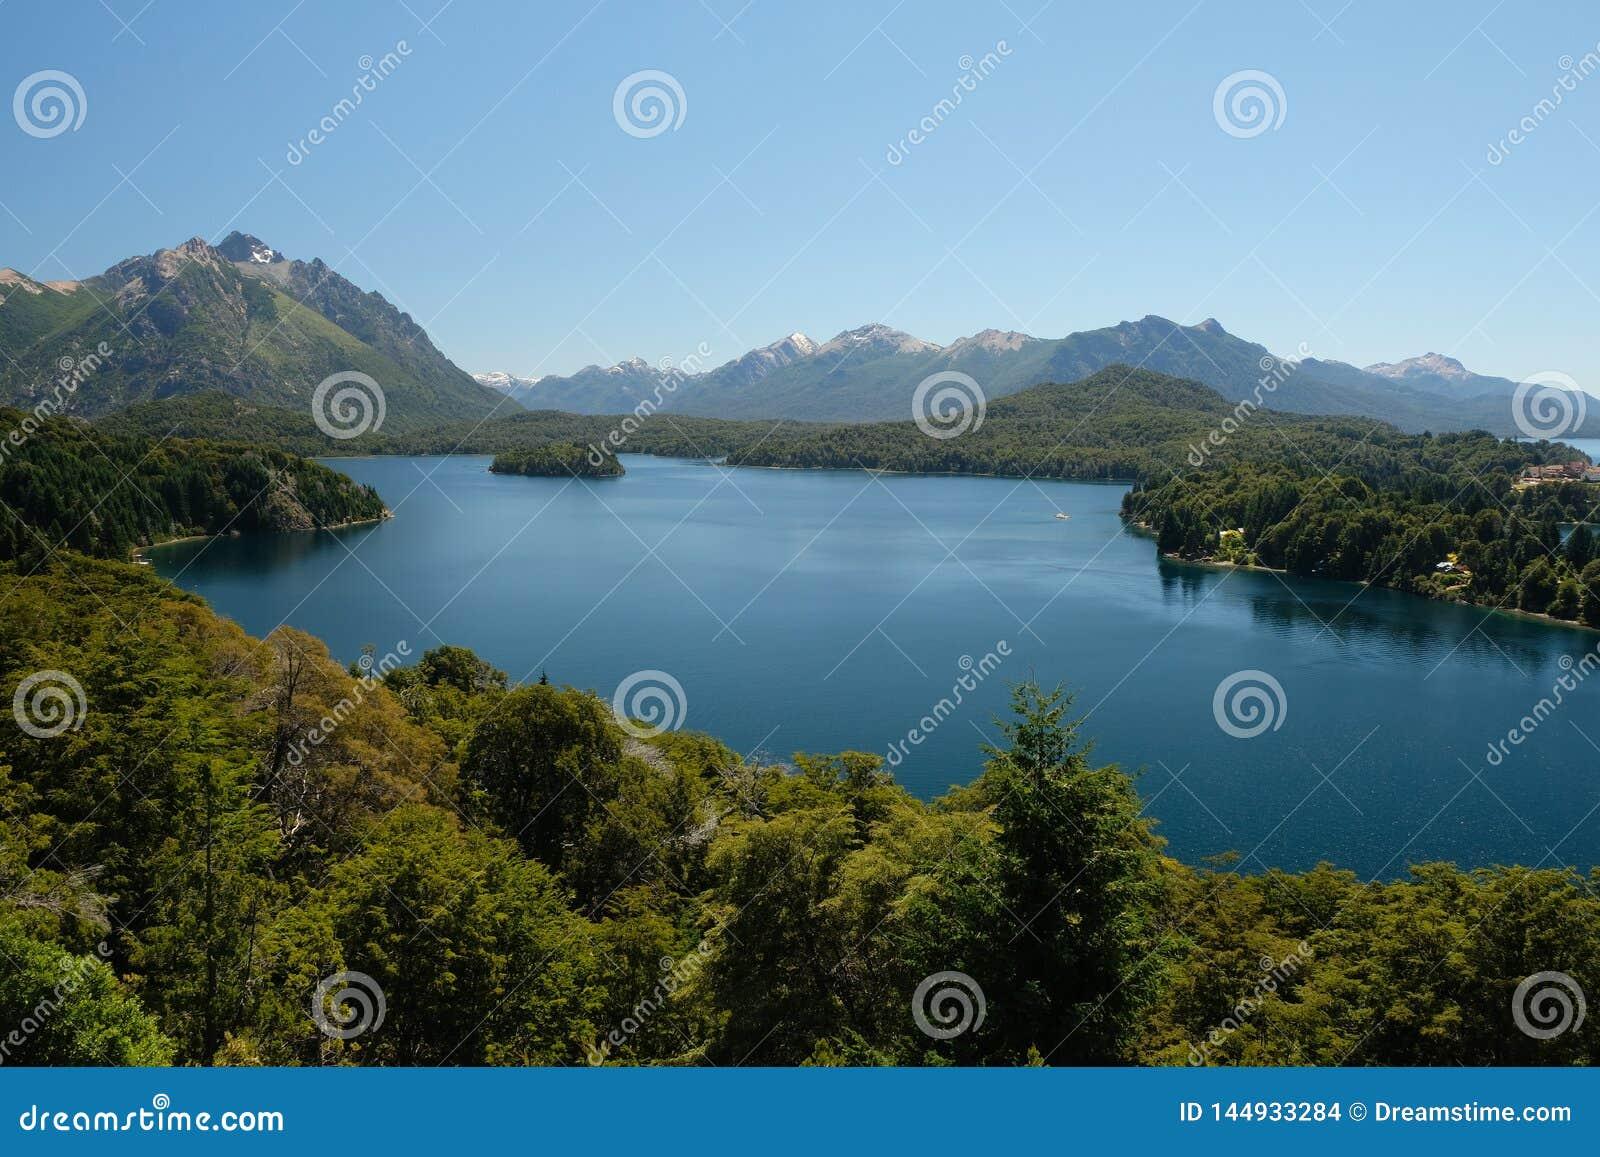 Landschaft des sieben See-Bezirkes, Patagonia, Argentinien